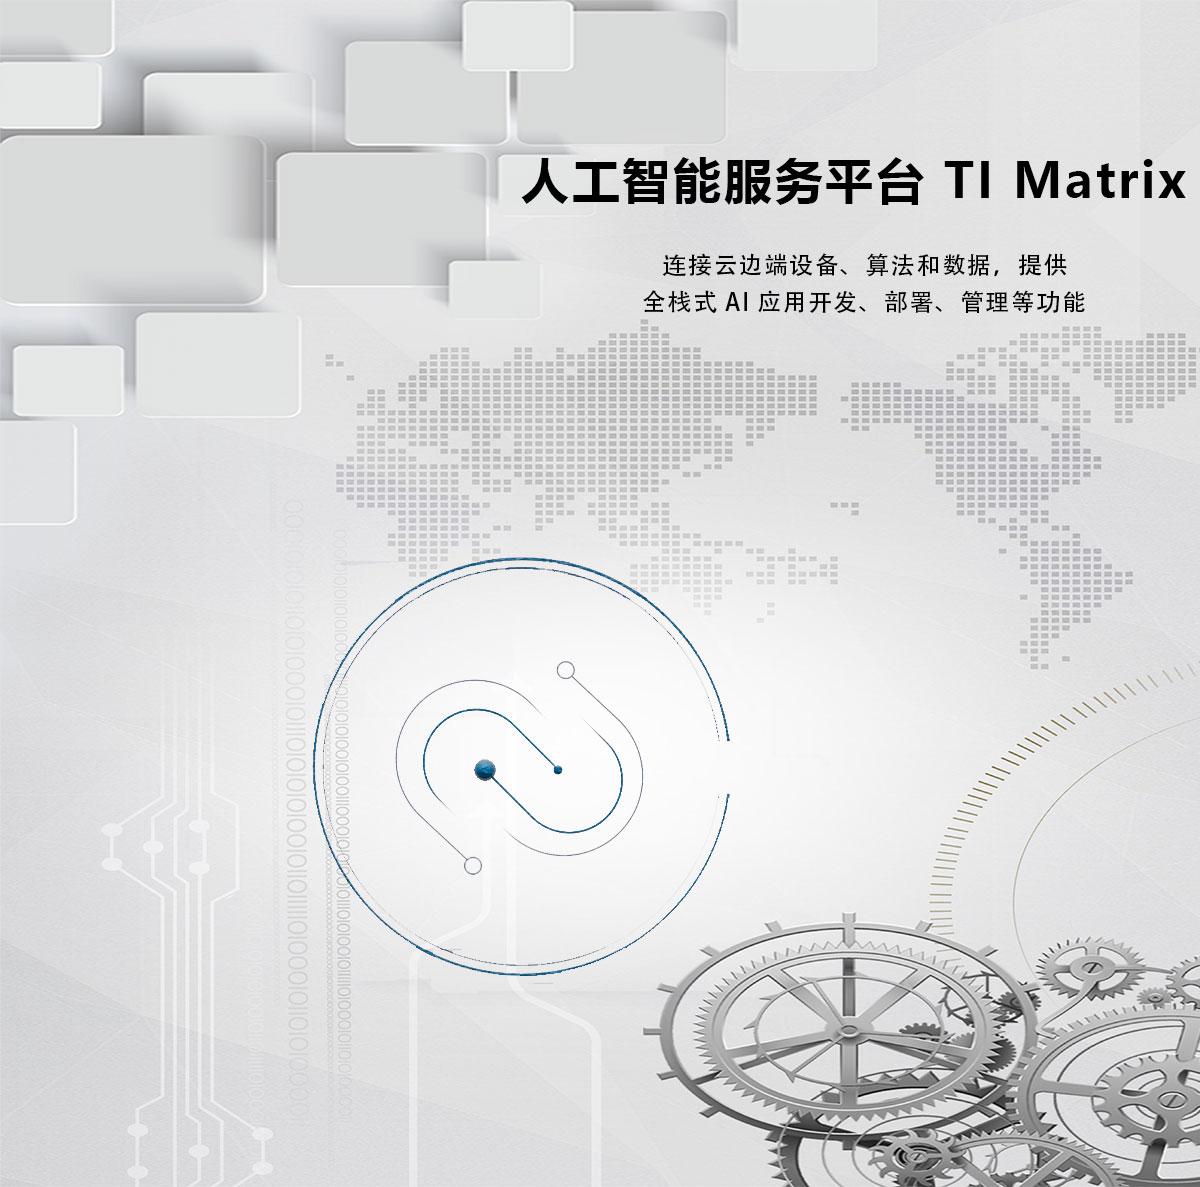 人工智能服务平台-TI-Matrix_01.jpg